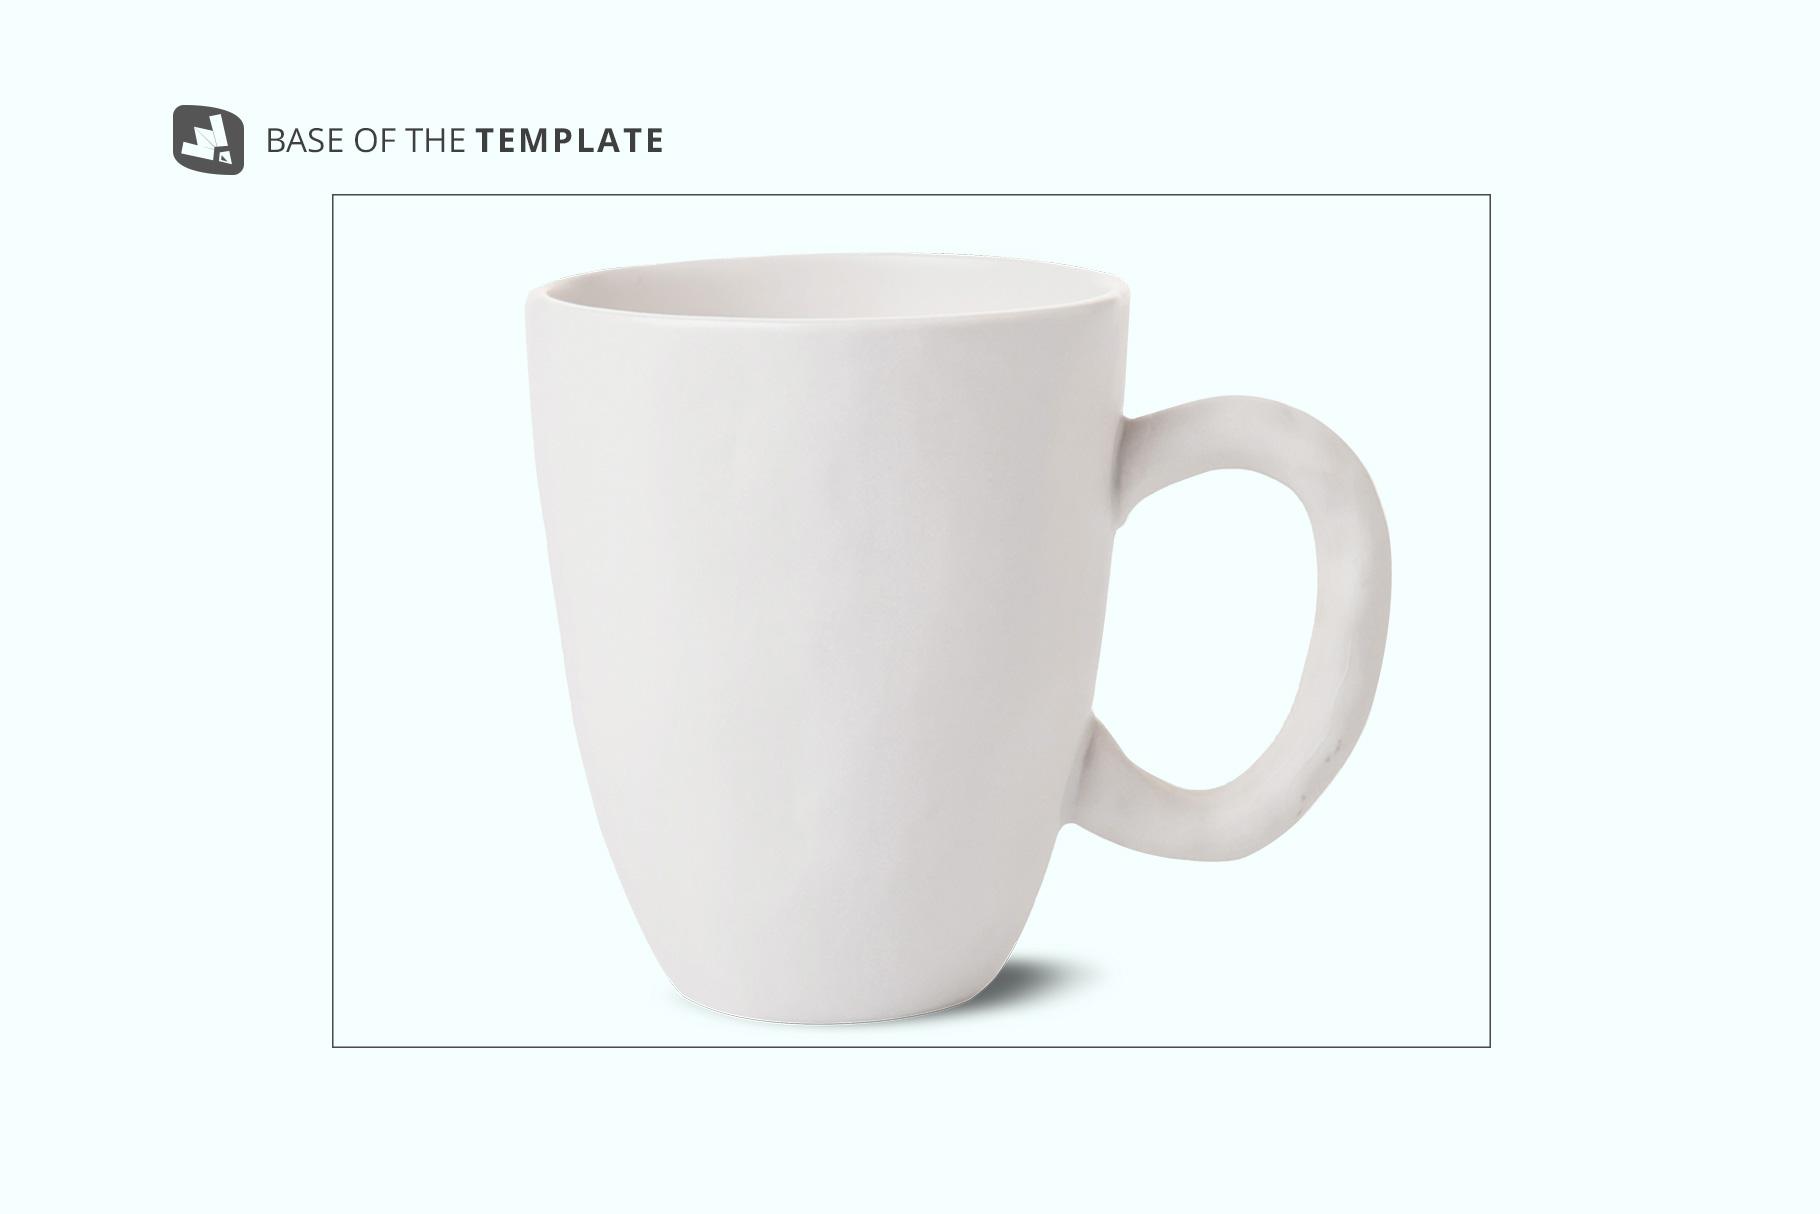 base image of the ceramic mug set mockup